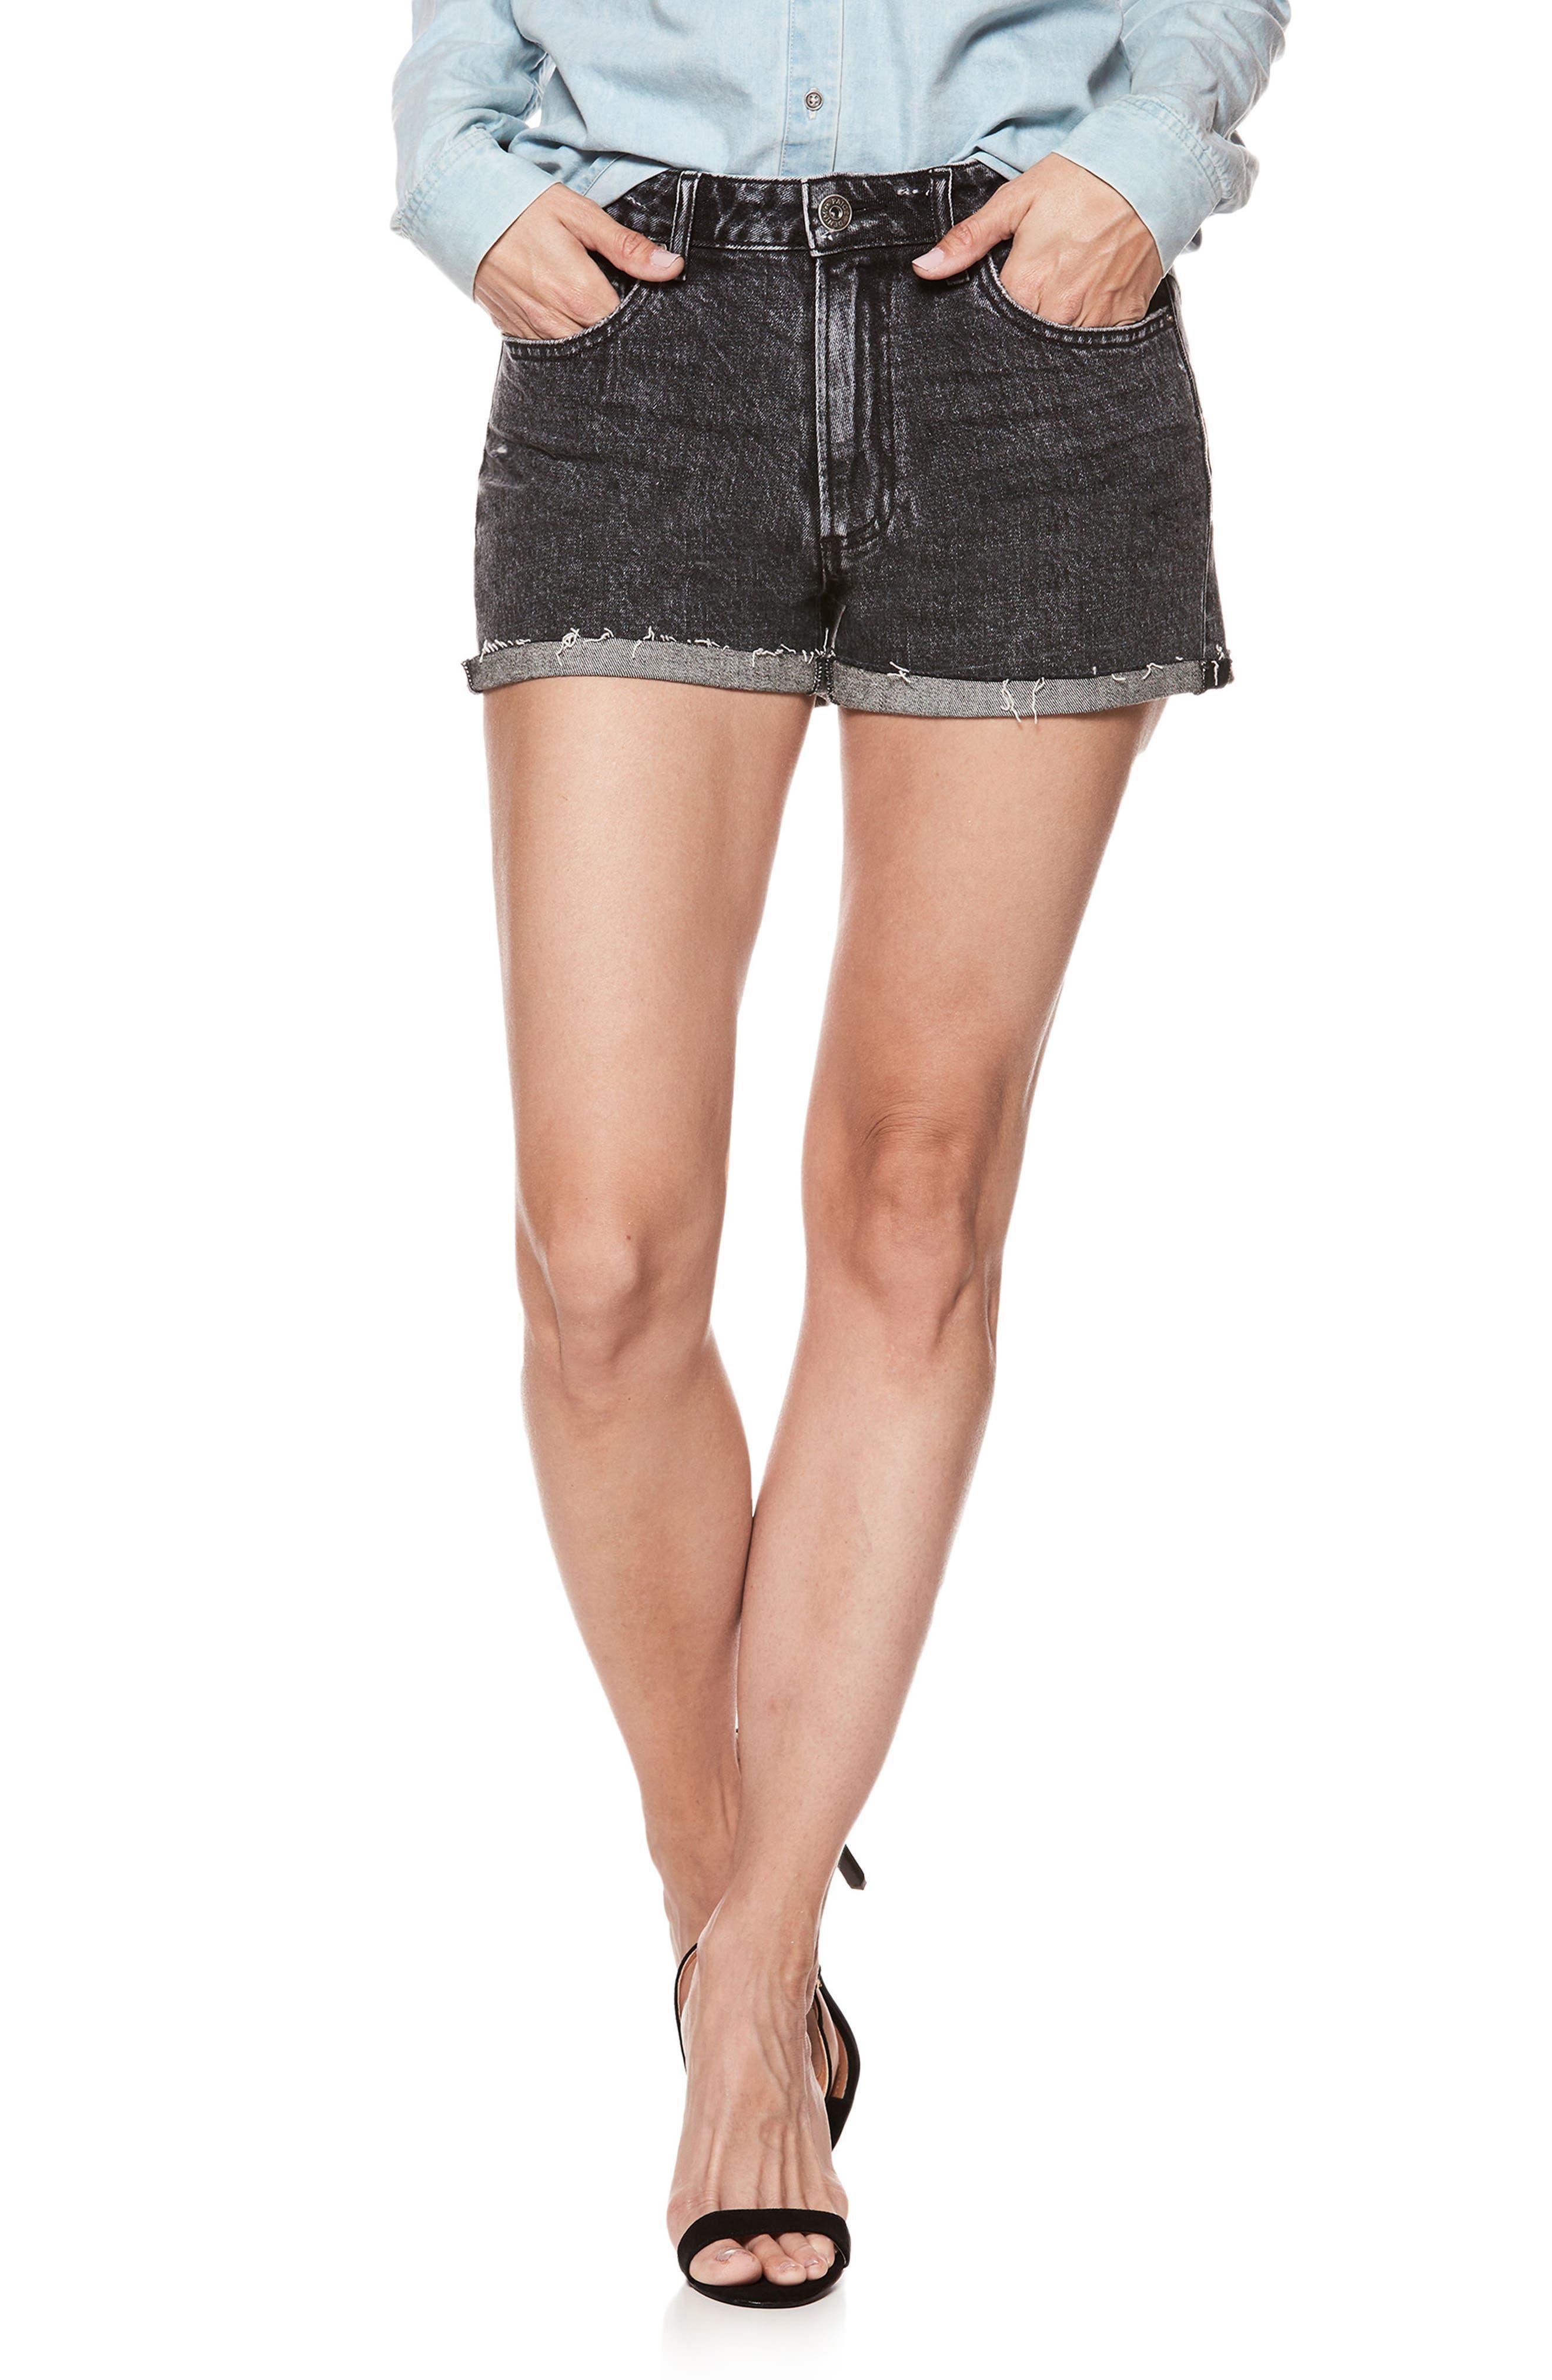 Sarah High Waist Cutoff Denim Shorts,                             Main thumbnail 1, color,                             001